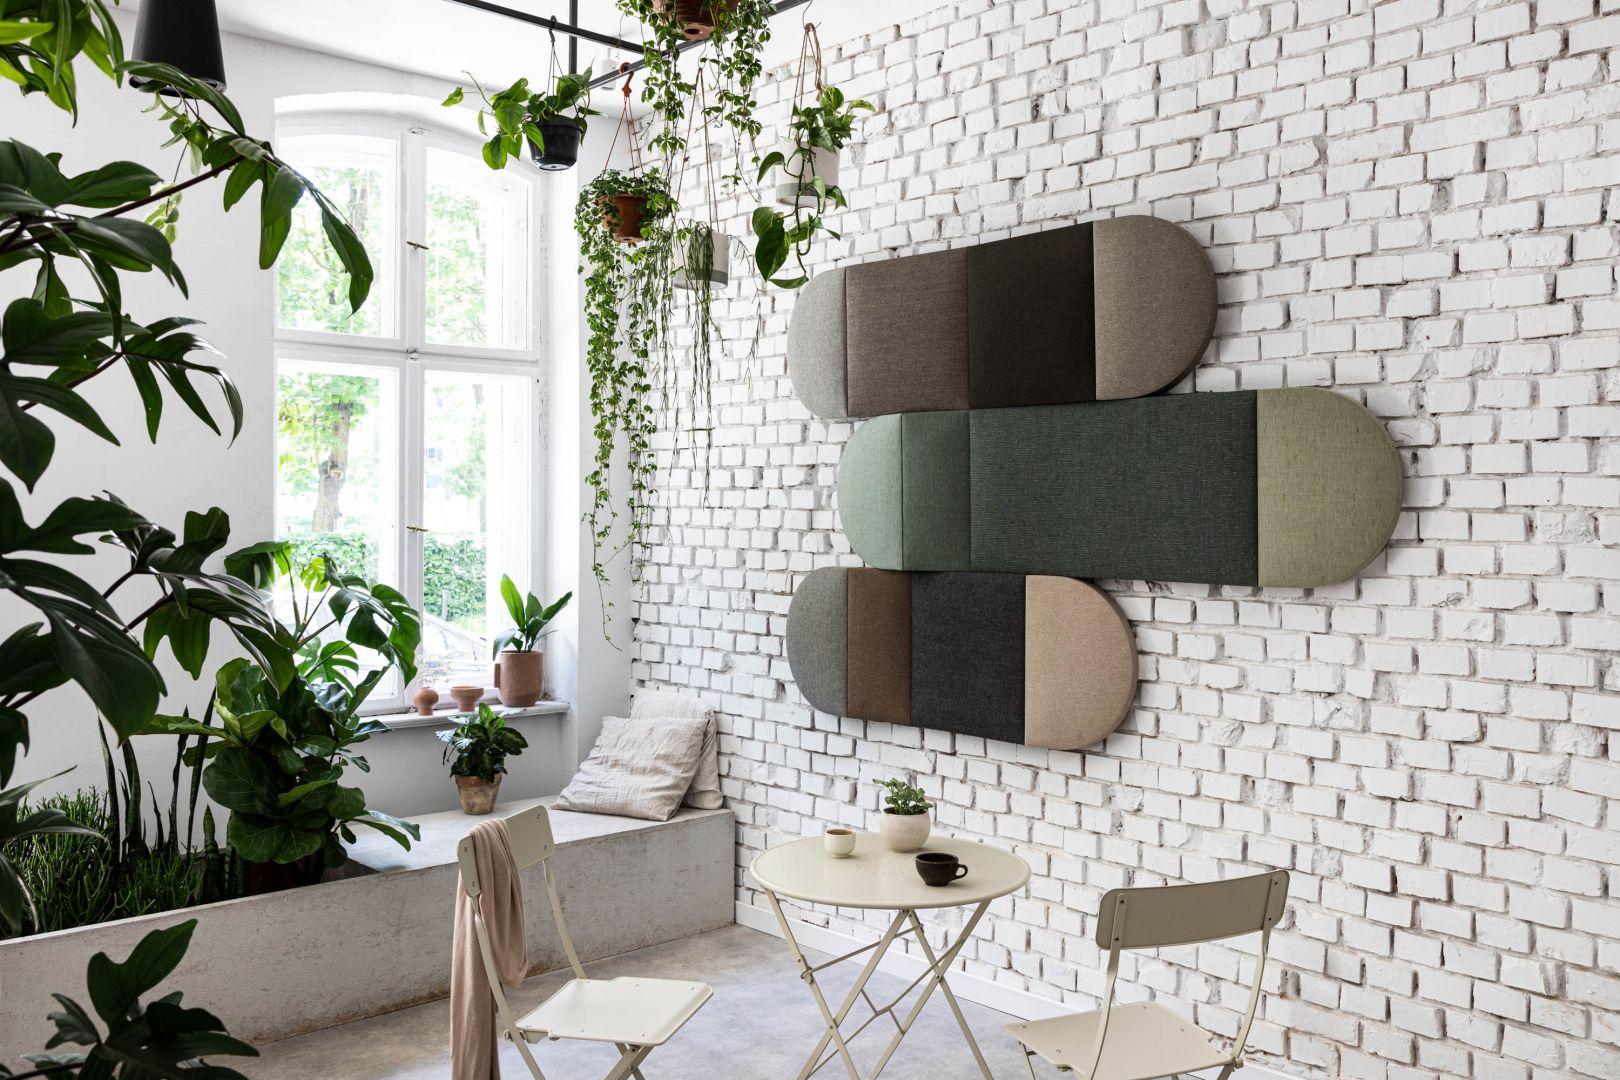 Meno to nowa propozycja Mai Ganszyniec dla marki Noti. Panele zmniejszają hałas i podźwięk, są tez świetnym elementem dekoracyjnym wnętrza. Fot. Noti